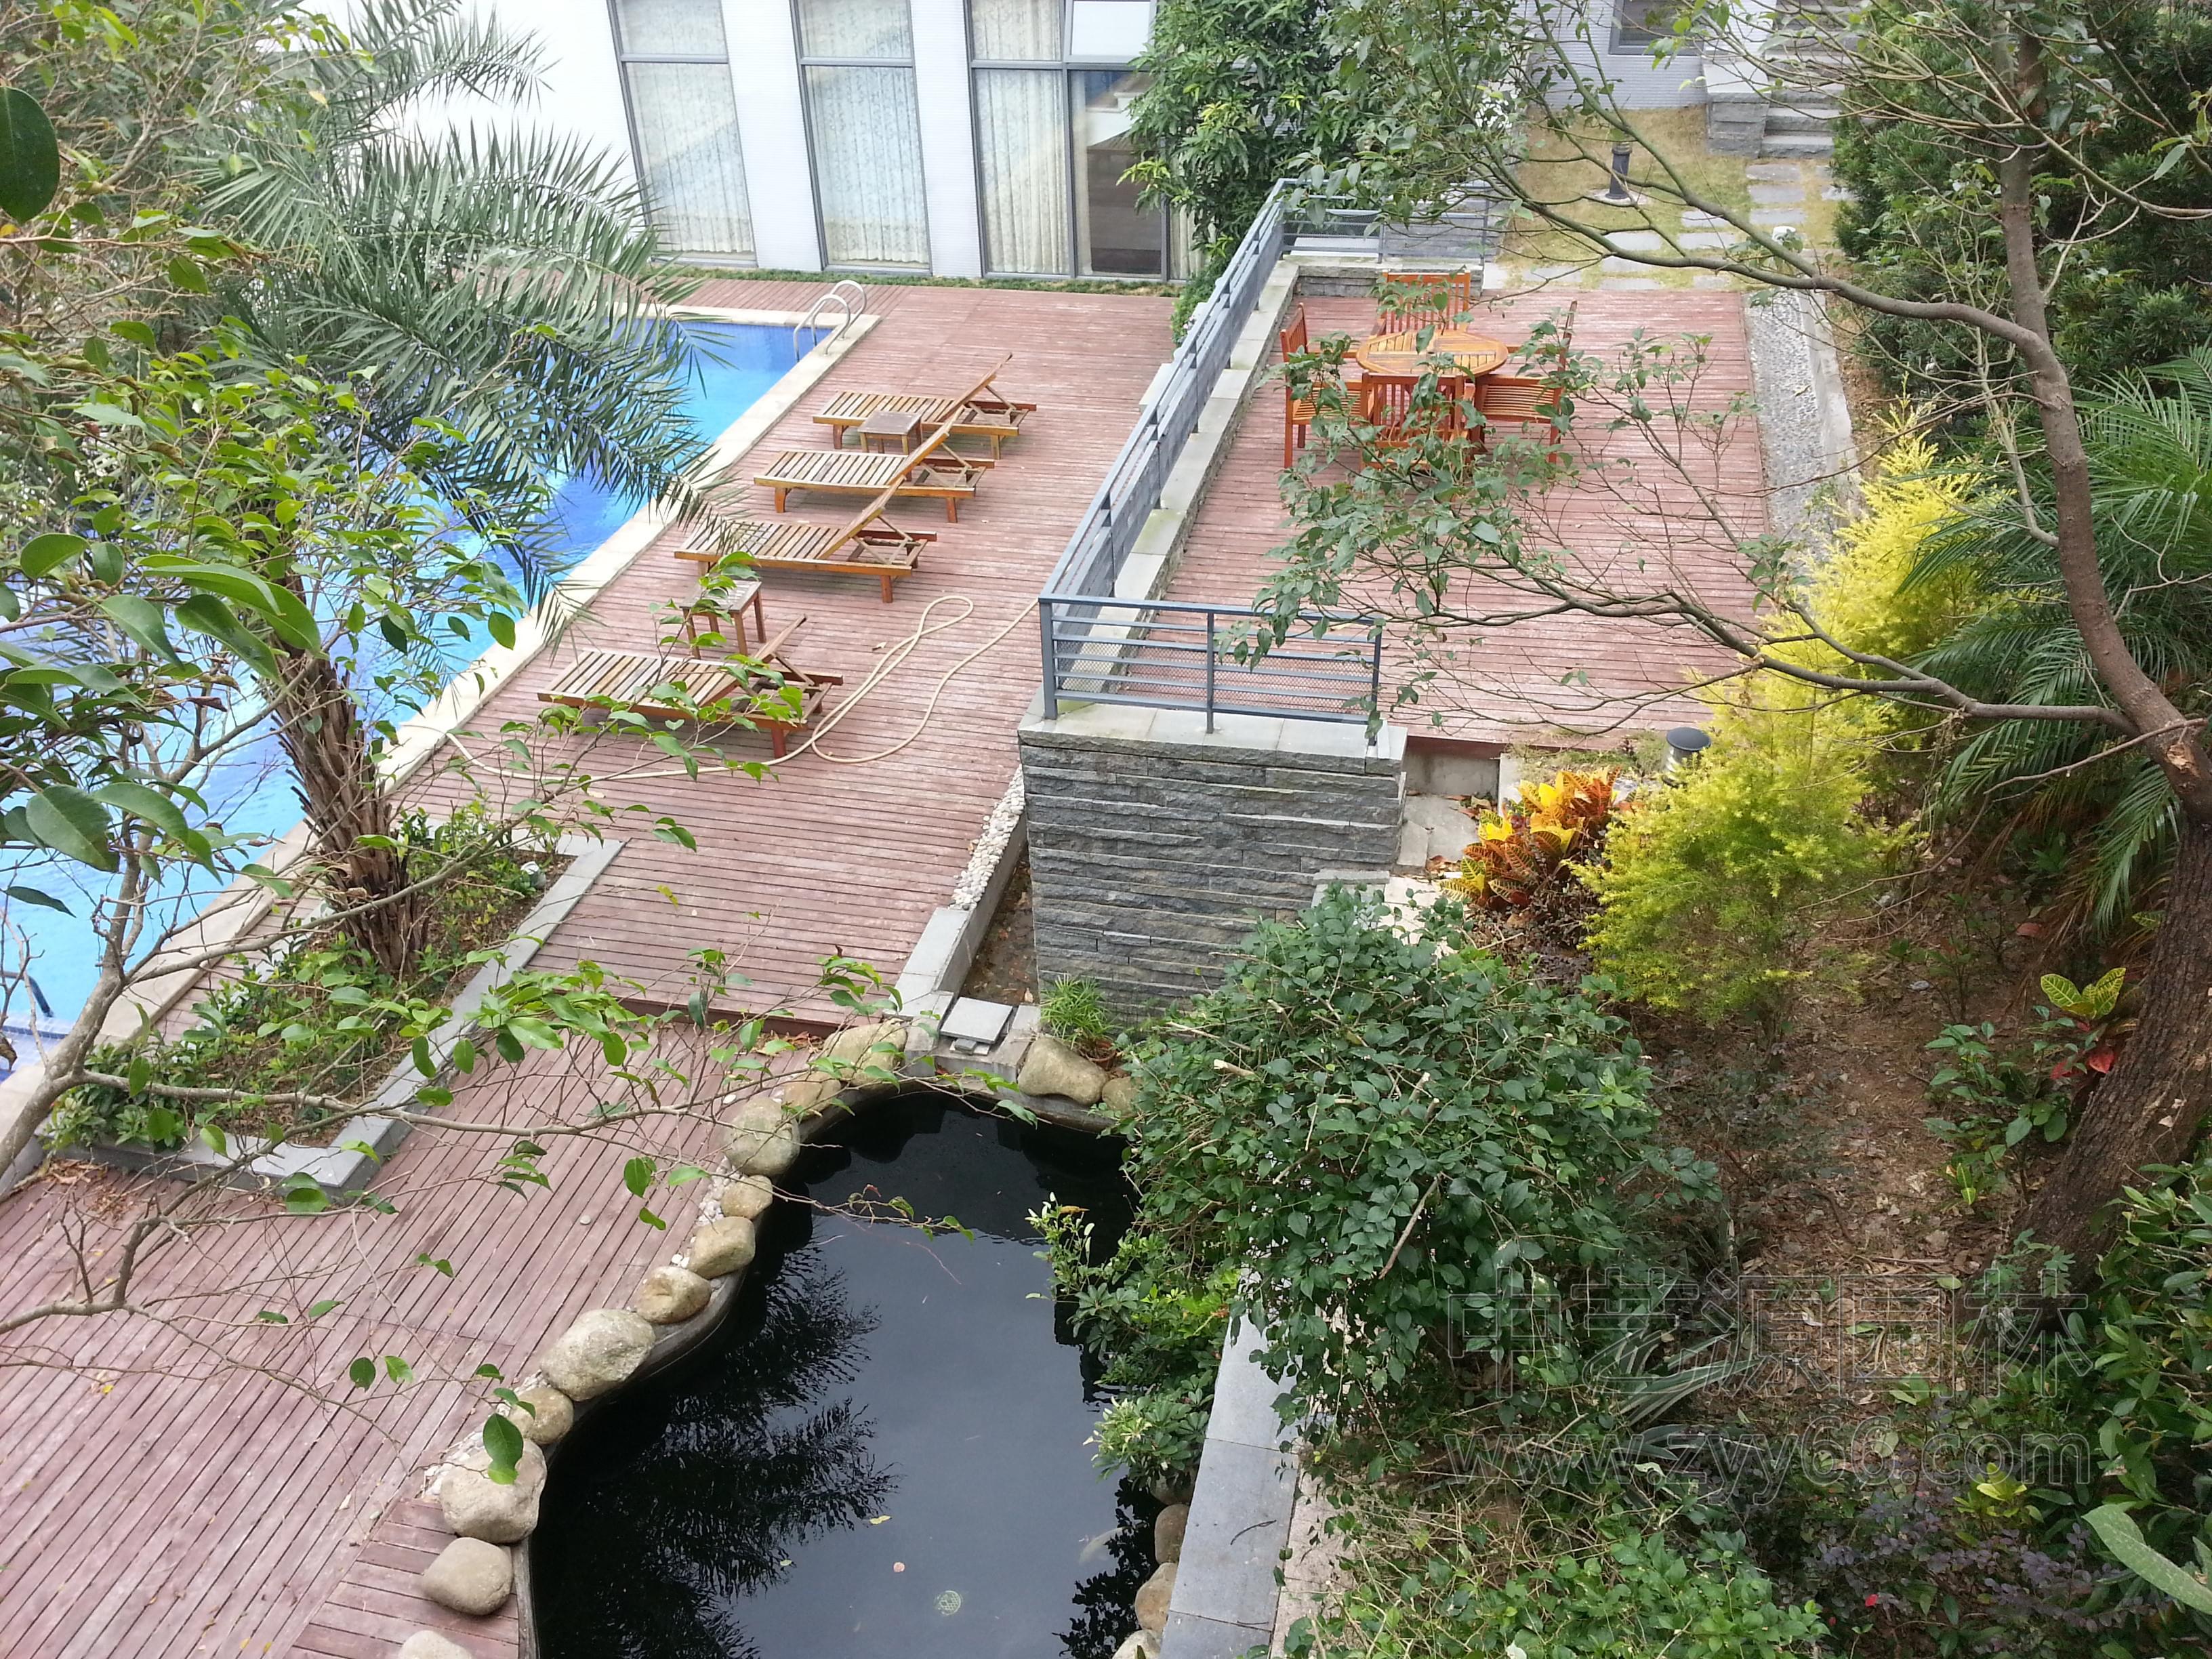 别墅花园设计中艺源打造一个私密的别墅庭院不仅可以美化居住